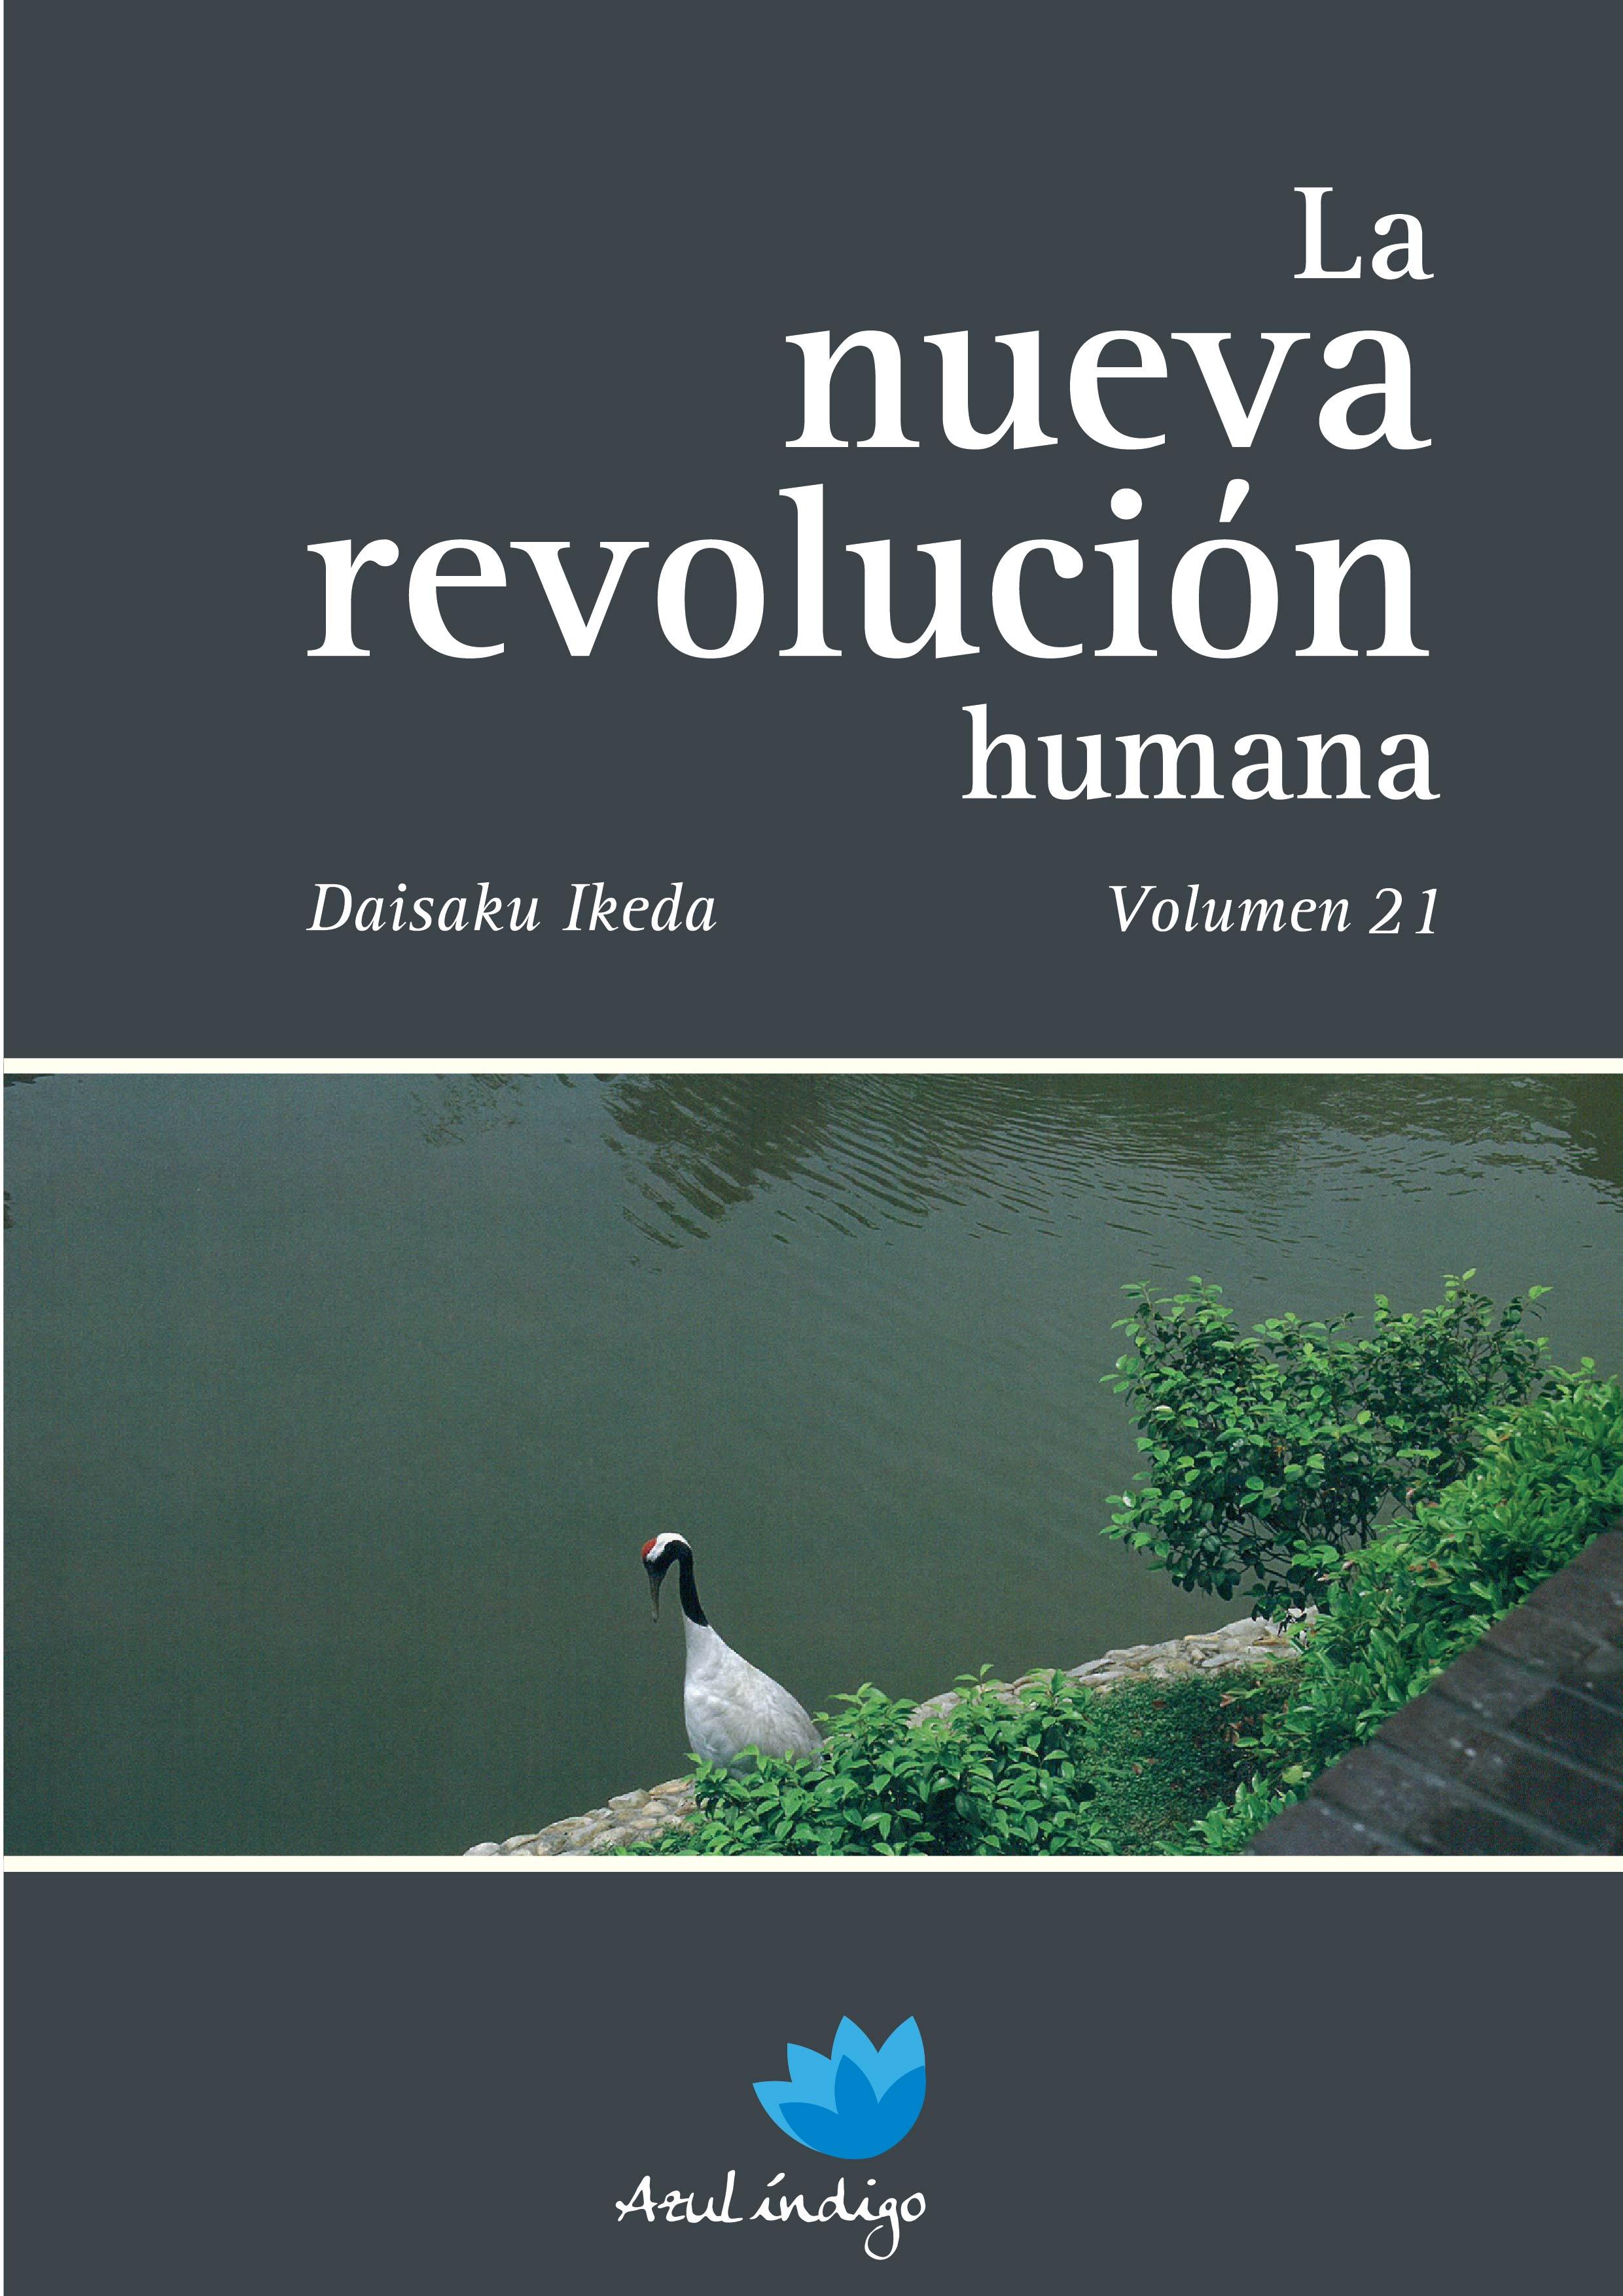 La Nueva Revolución Humana - Vol. 21